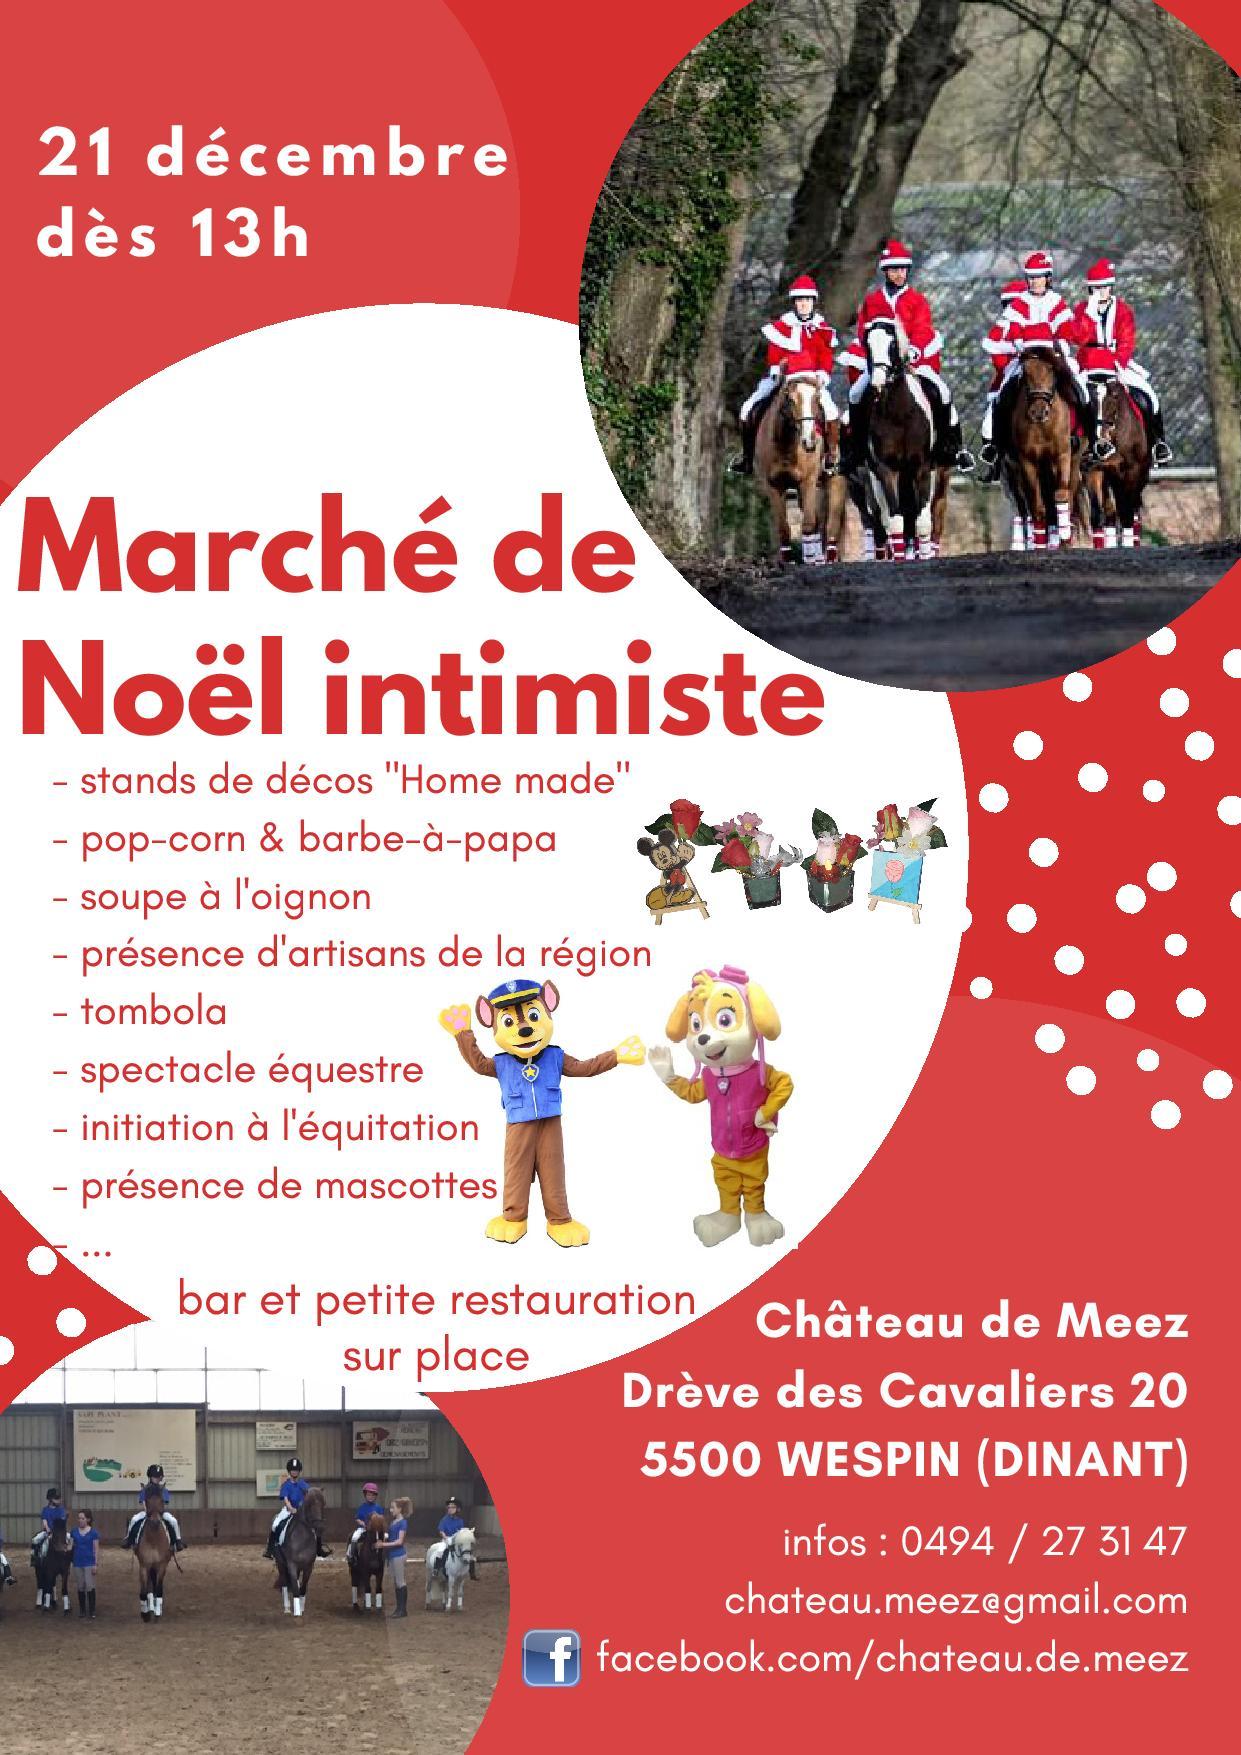 Marché de Noël intimiste - flyer A4 portrait-page-001